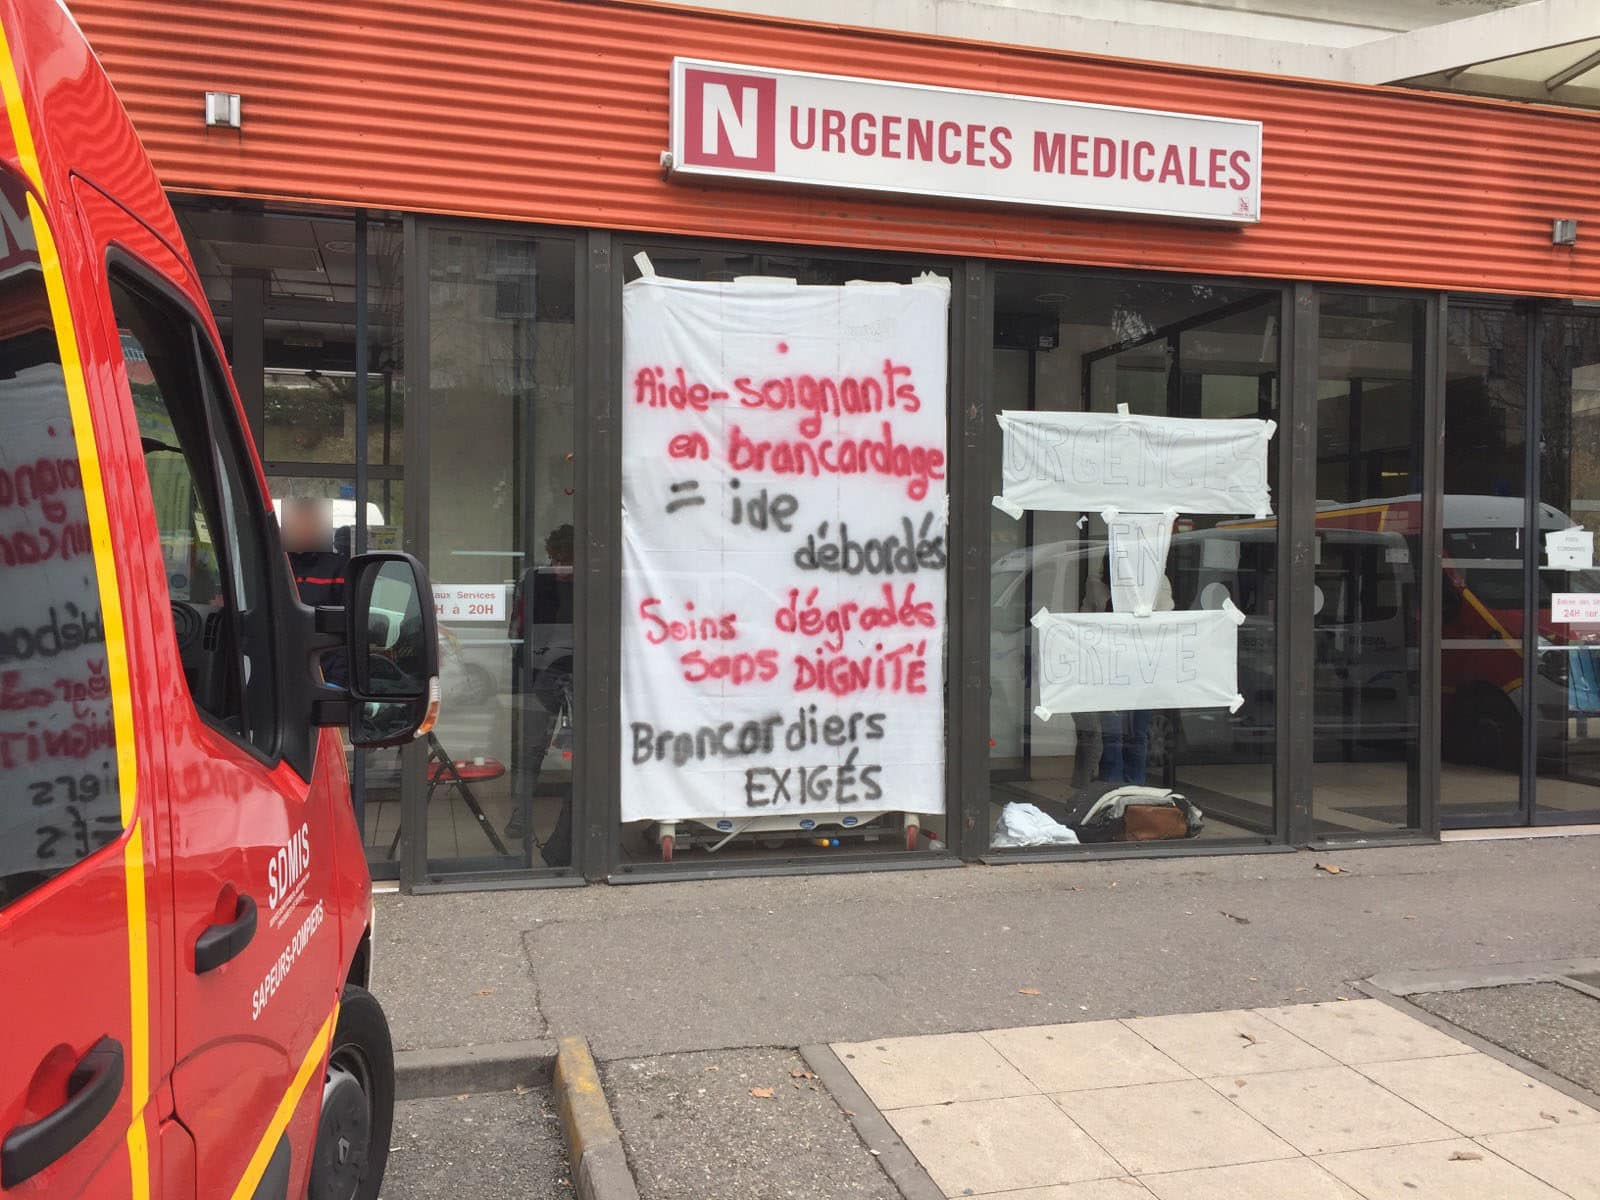 L'extérieur des urgences du pavillon N de l'hôpital Edouard Herriot durant le mouvement de grève de février 2018. ©DR